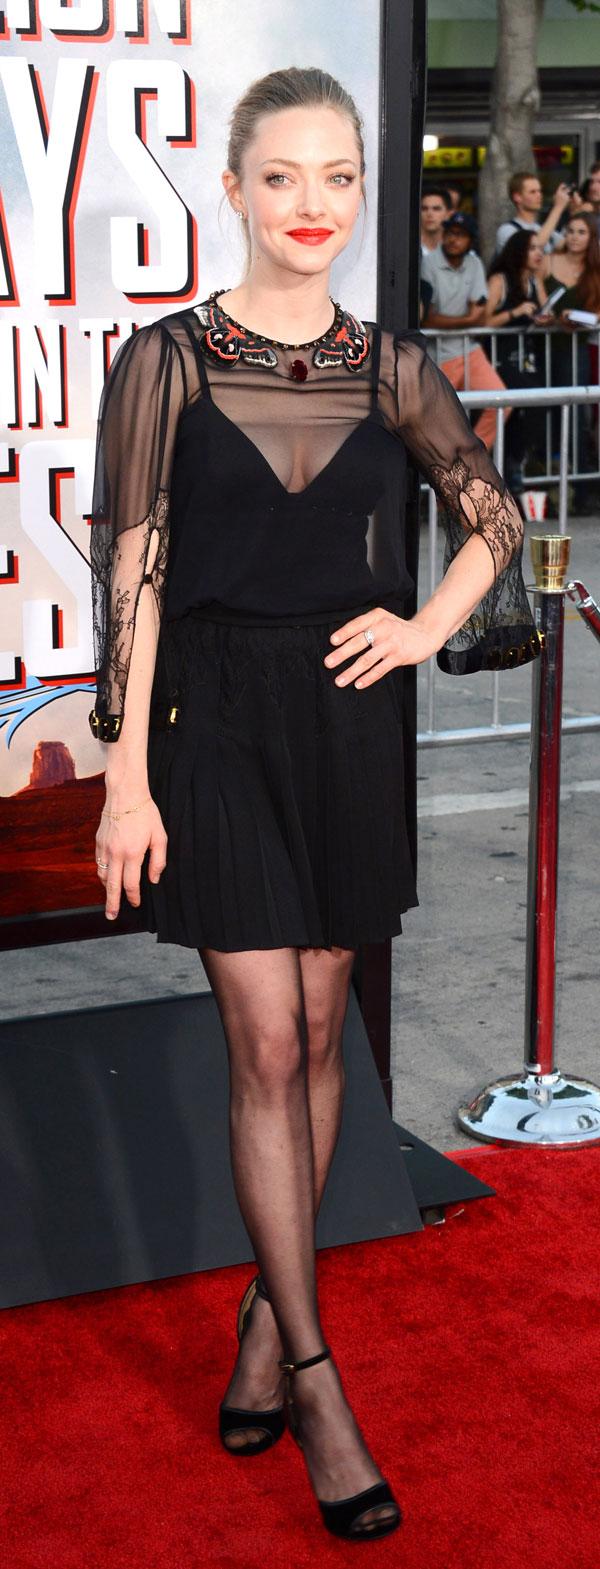 """Amanda Seyfried llega el estreno mundial de """"A Million Ways To Die In The West"""" en el Jueves, 15 de mayo 2014, en Westwood, California"""